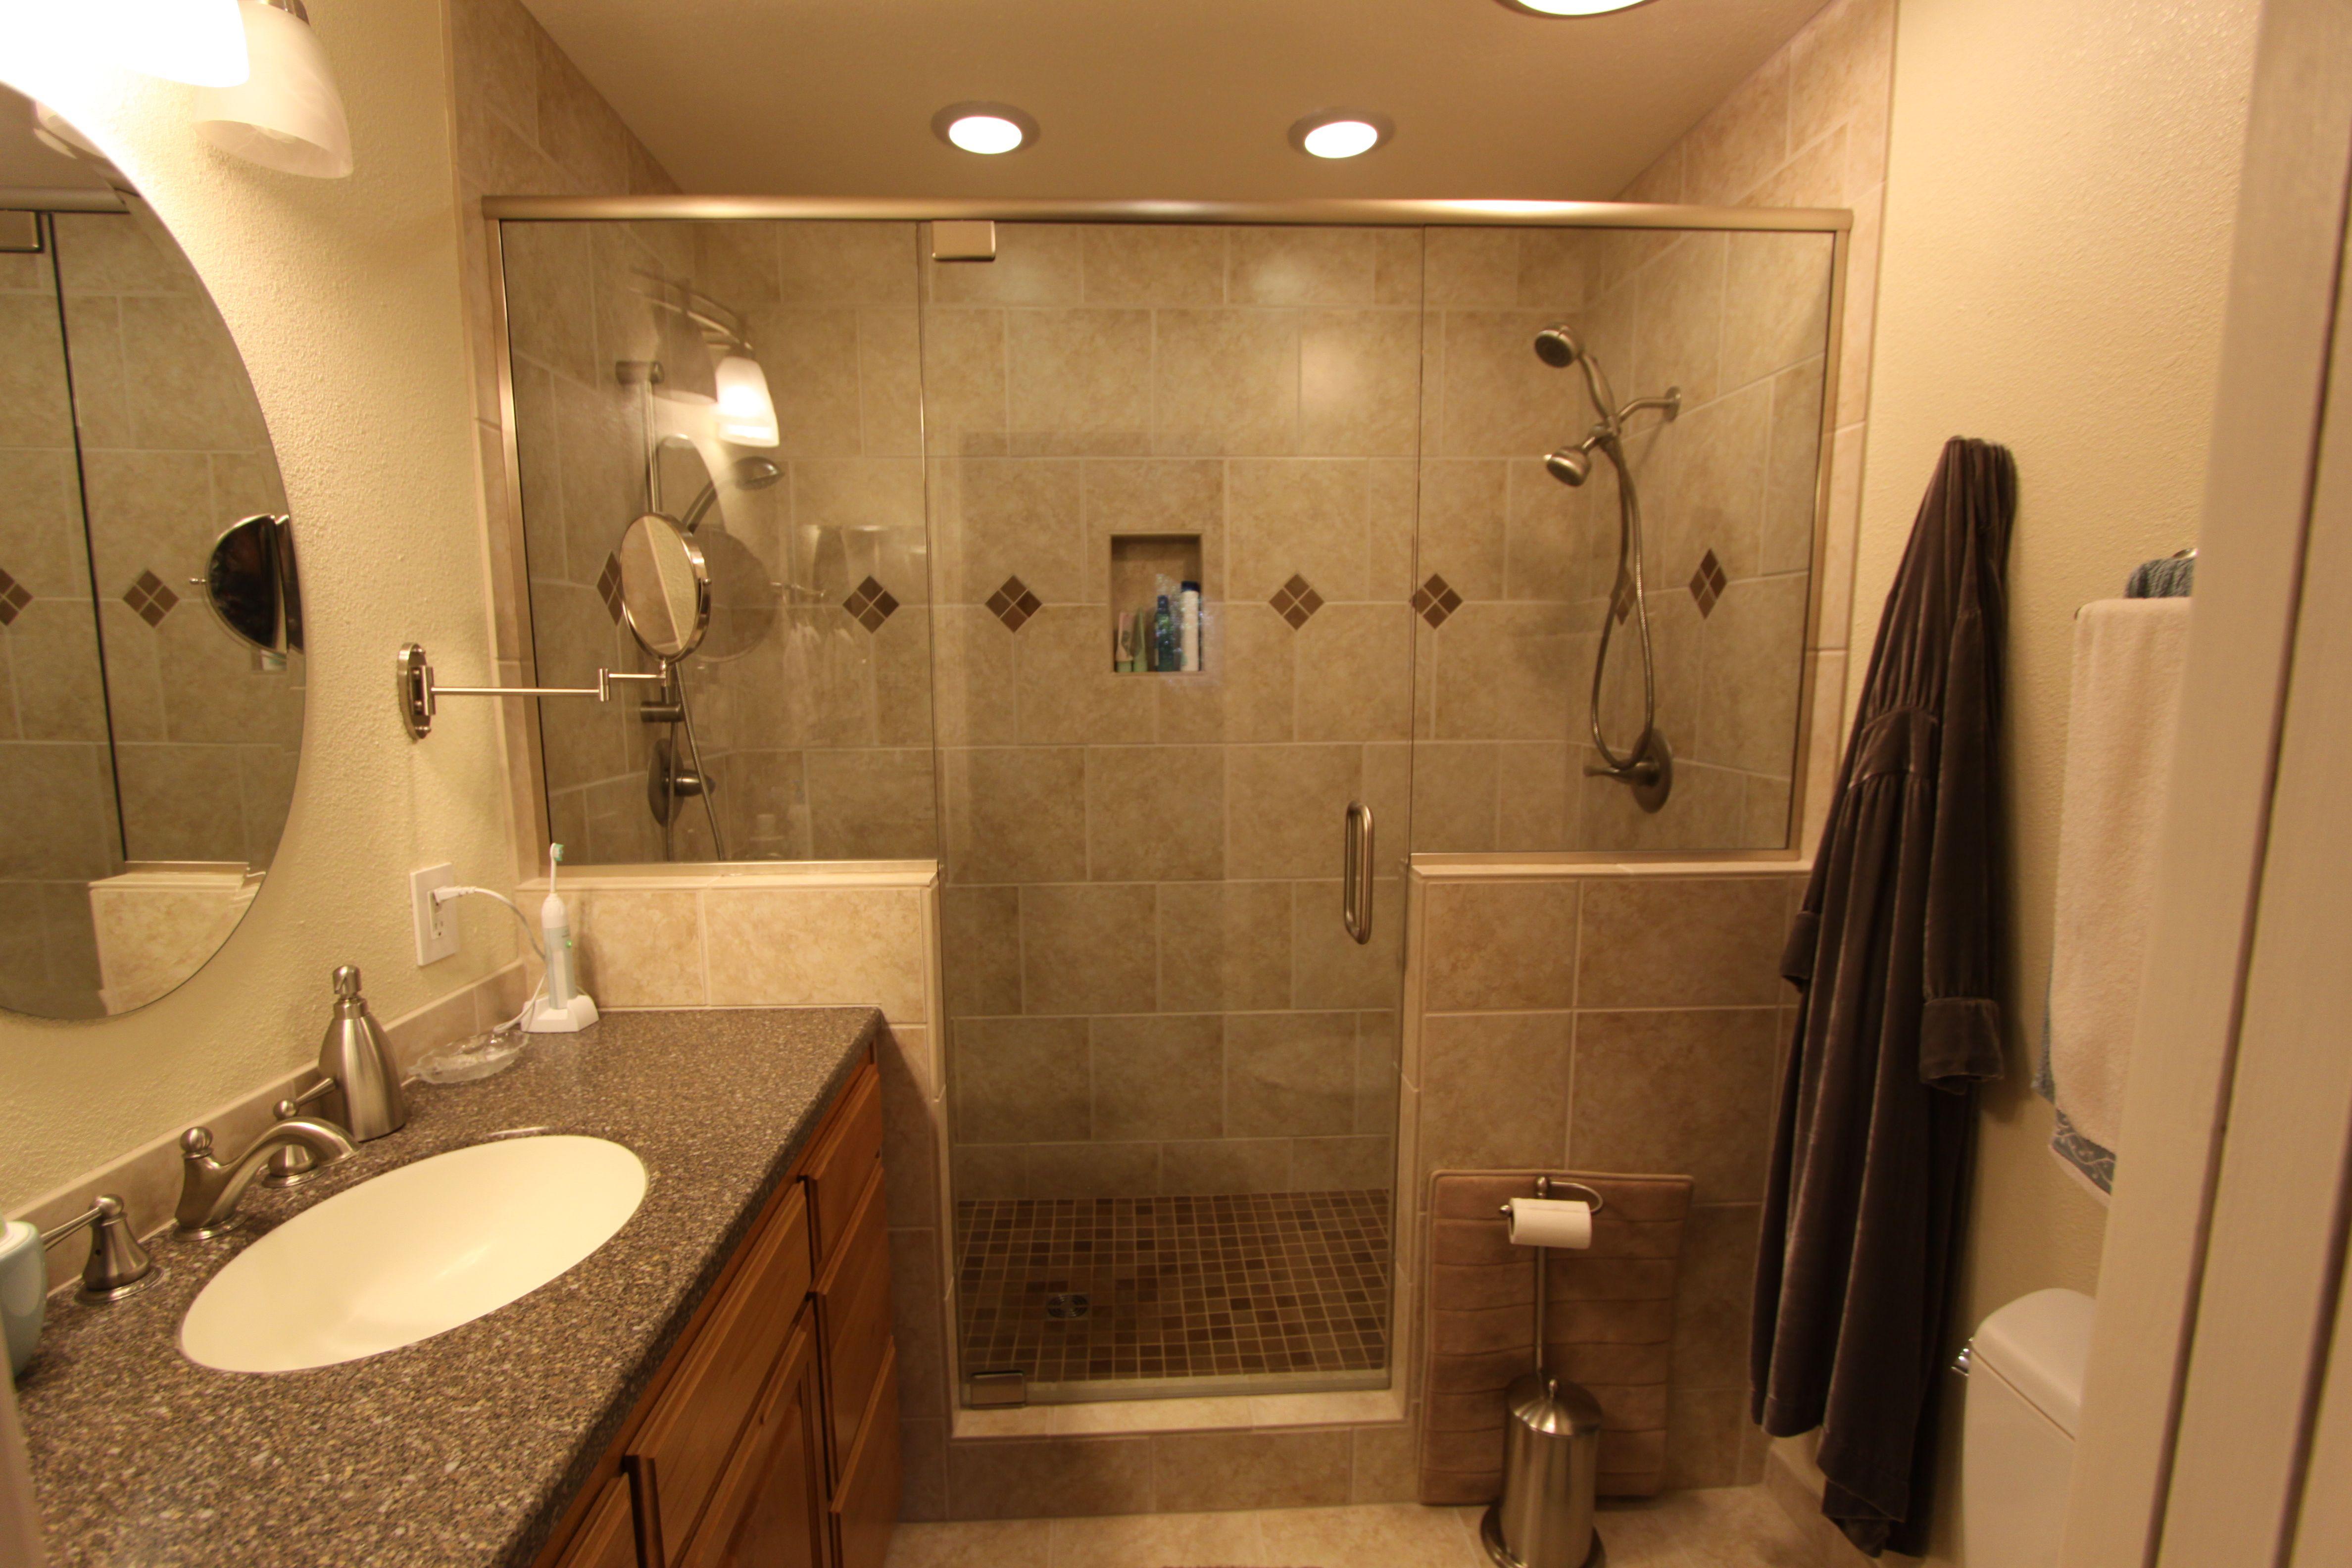 bathroomremodeledbathroomsremodelremodelingsmall